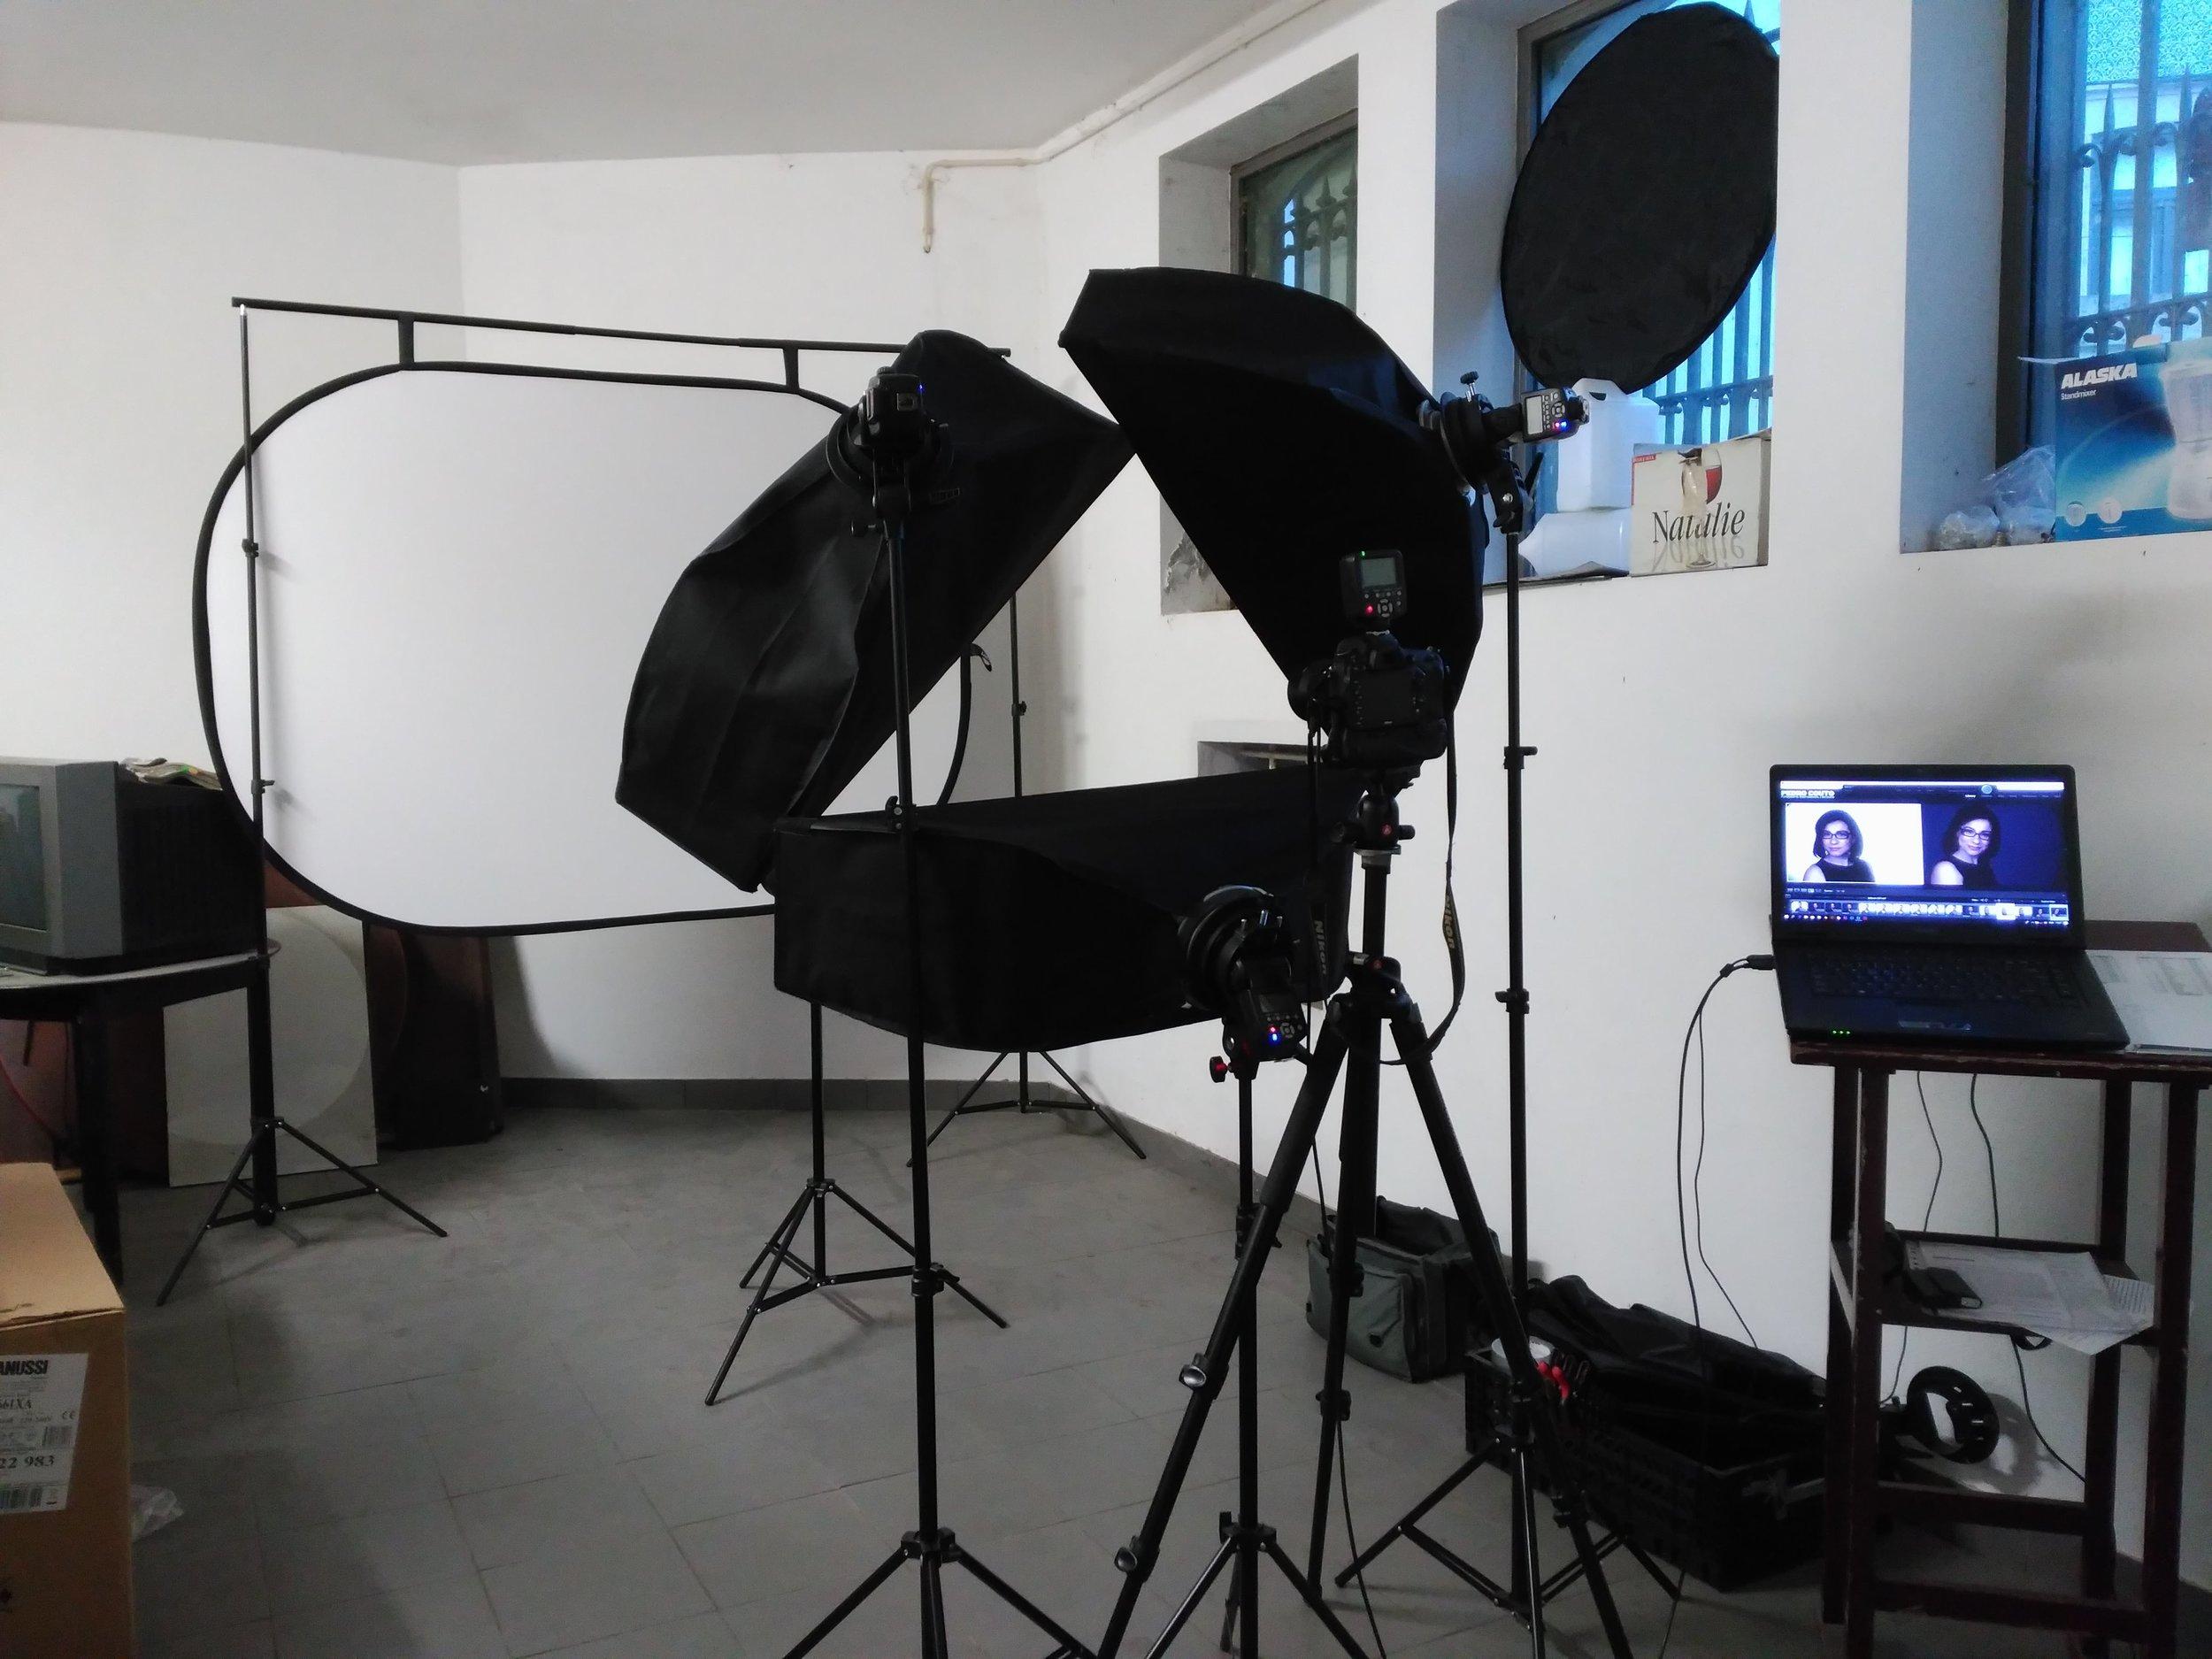 Estúdio montado na cave de uma empresa. Fiz mais de 30 retratos aqui, em dois dias.